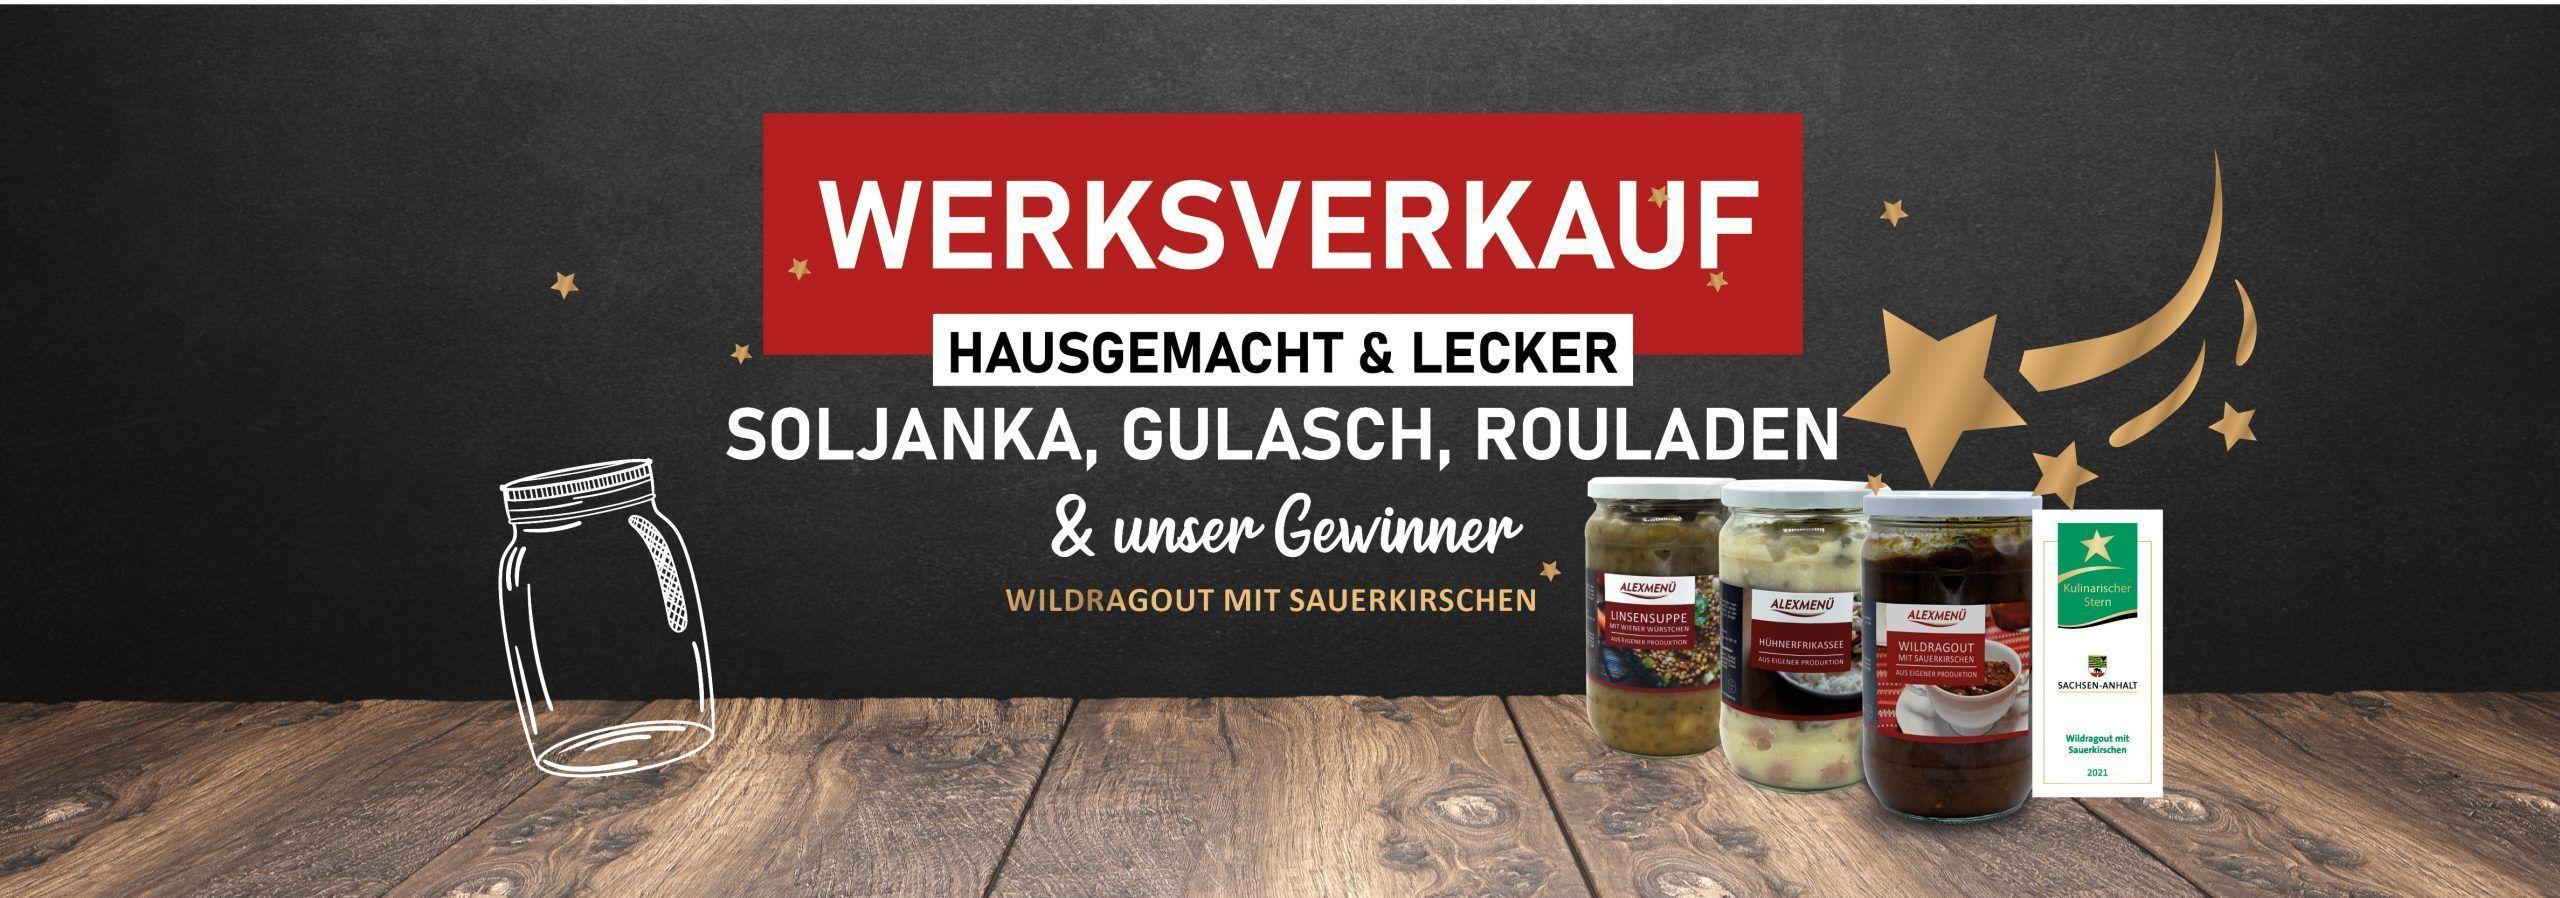 Header Werksverkauf&Kulinarischer Stern